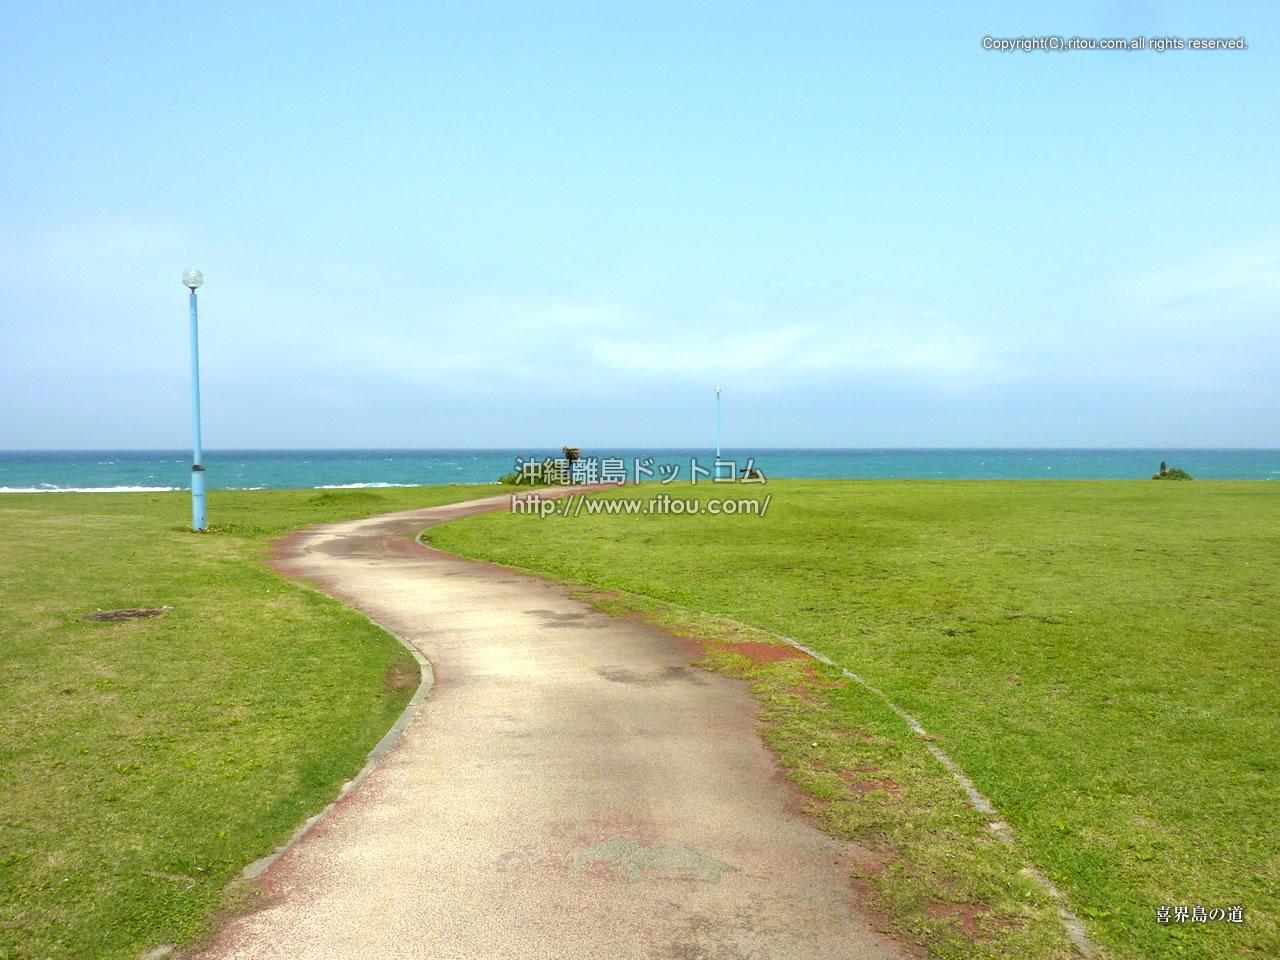 喜界島の道